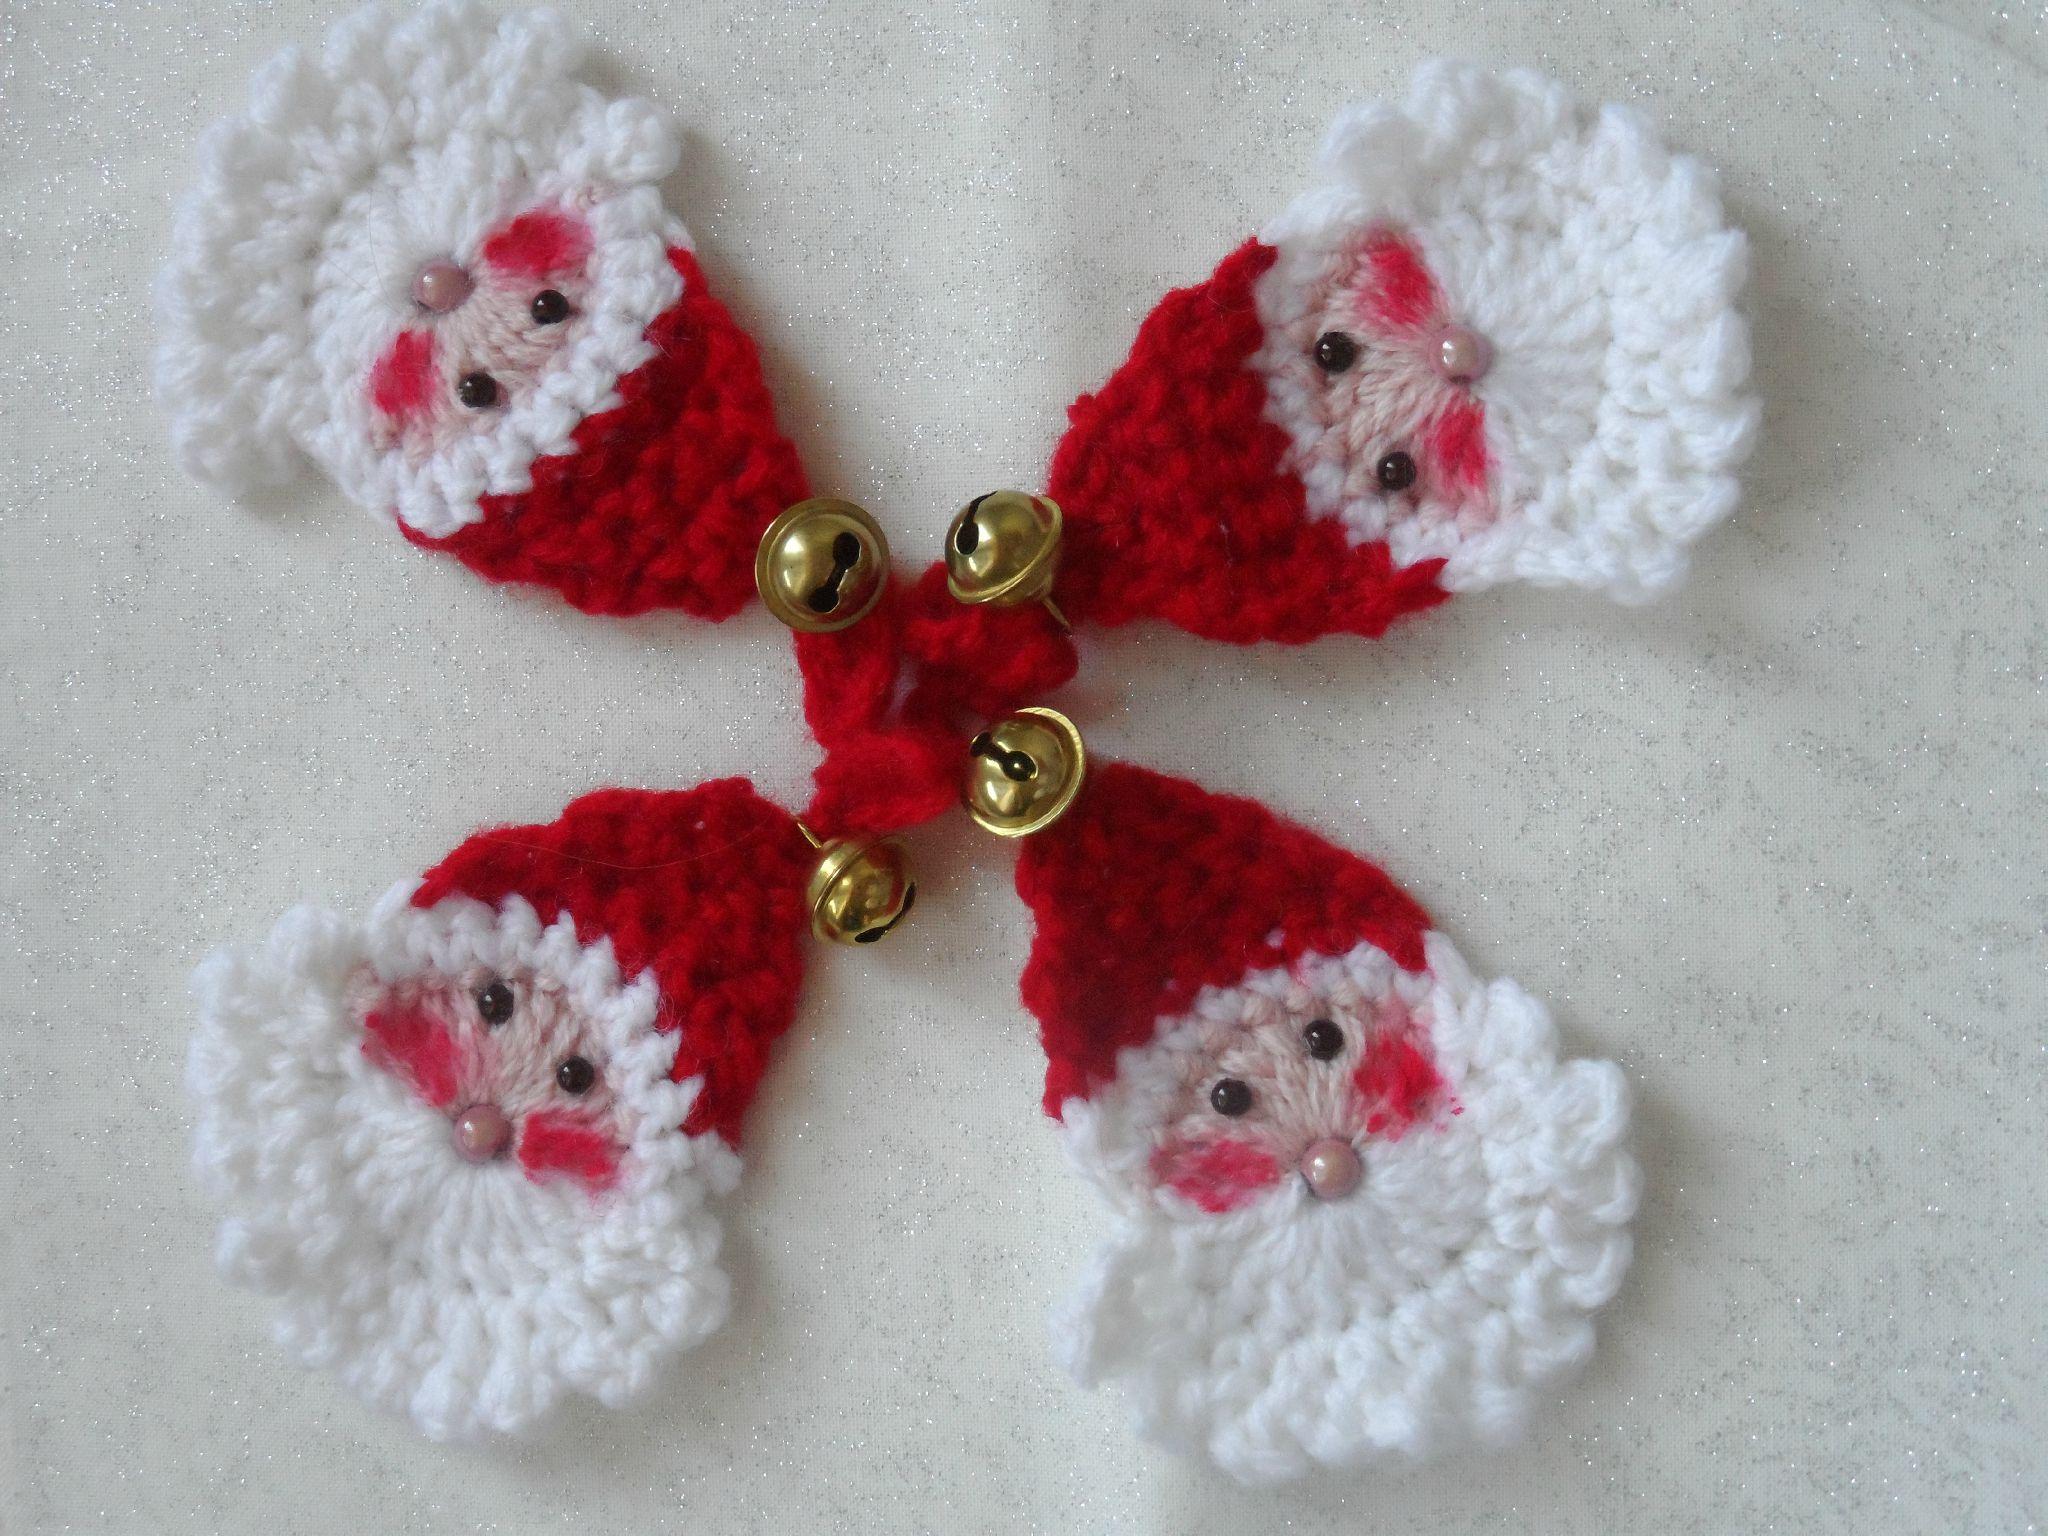 #761018 En Route Vers Noël #1 Leti's & Ses Betises 5643 idée déco noel au crochet 2048x1536 px @ aertt.com